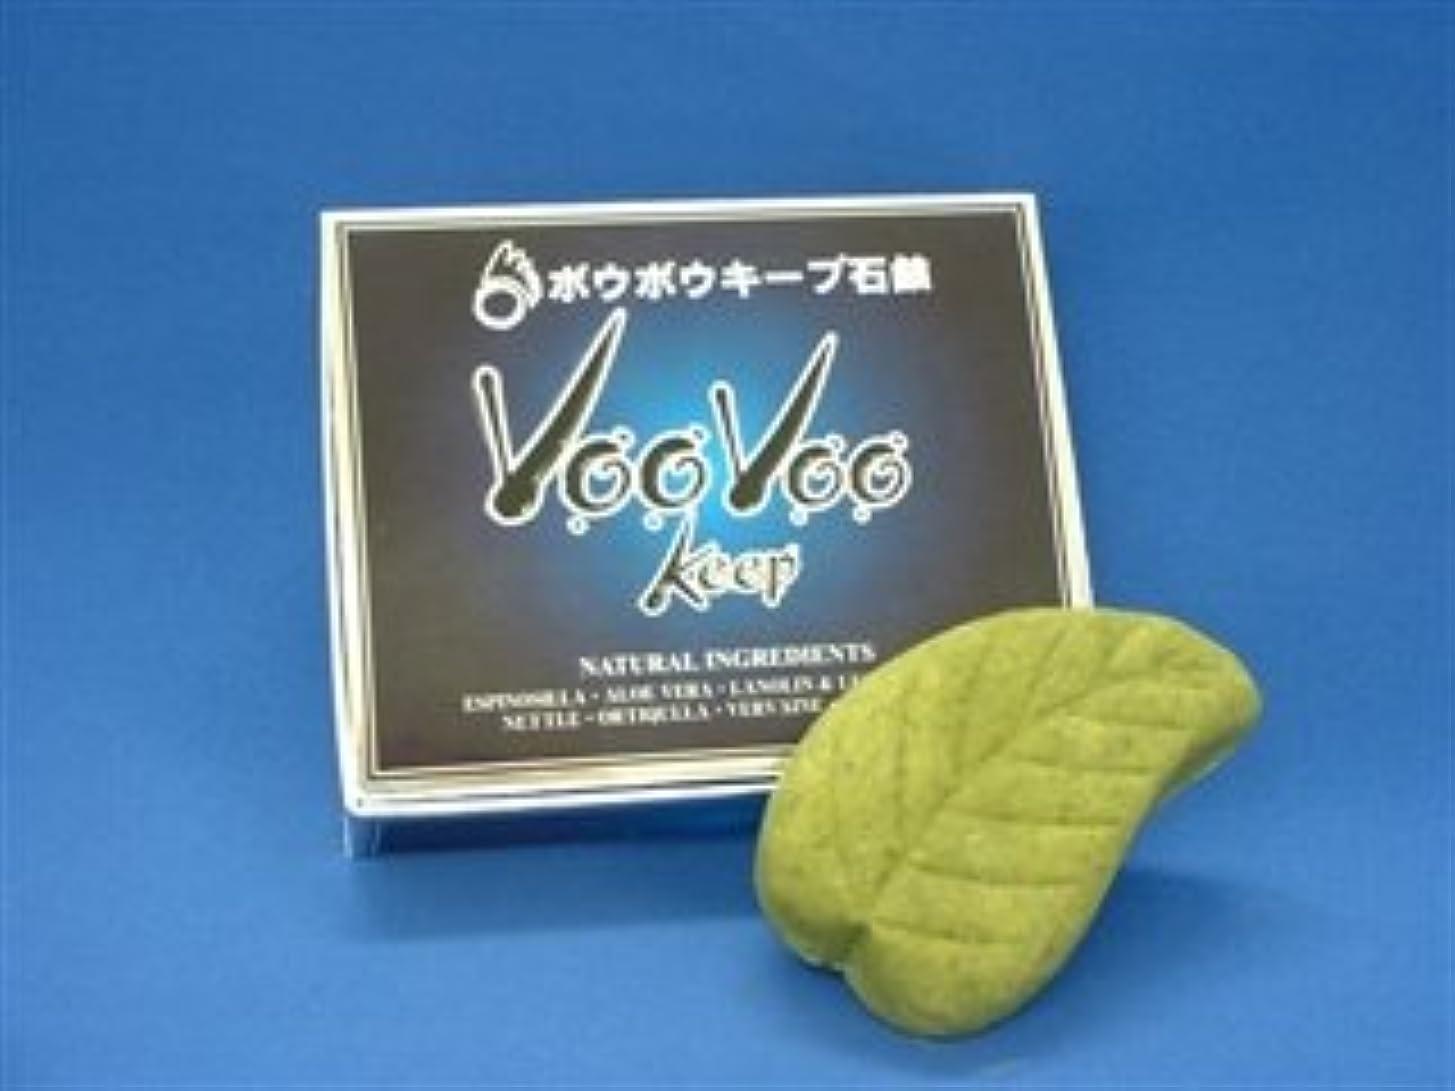 ボイコットに同意する含むボウボウキープ石鹸(VooVoo keep)